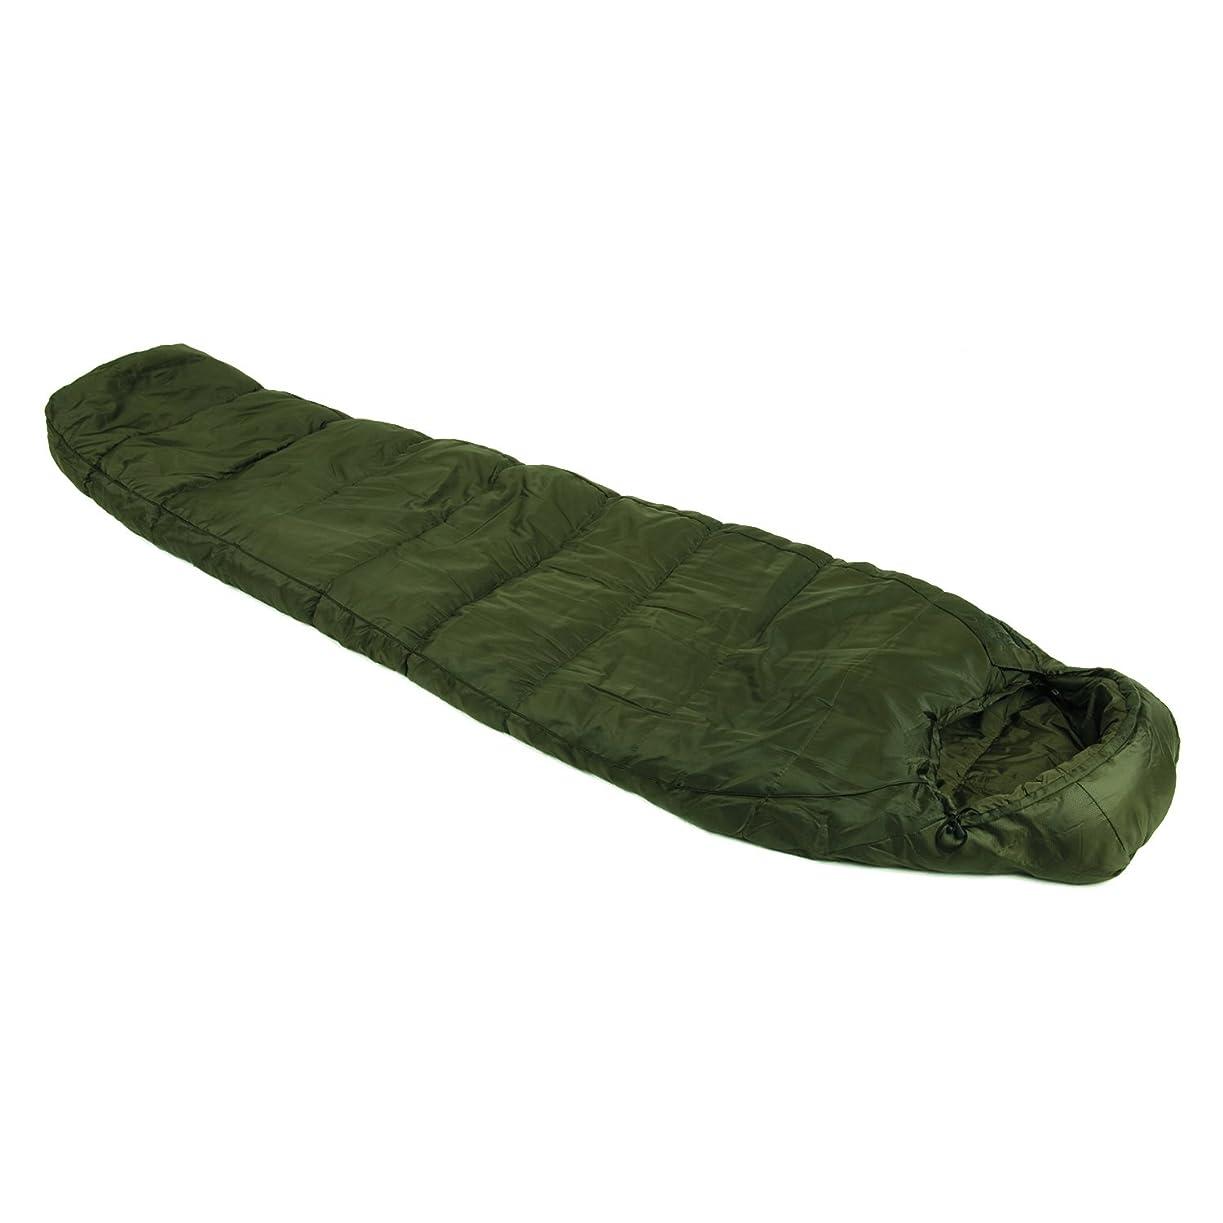 吐き出すインレイ数値Snugpak(スナグパック) 寝袋 スリーパーライト オリーブ [最低使用温度-7度]